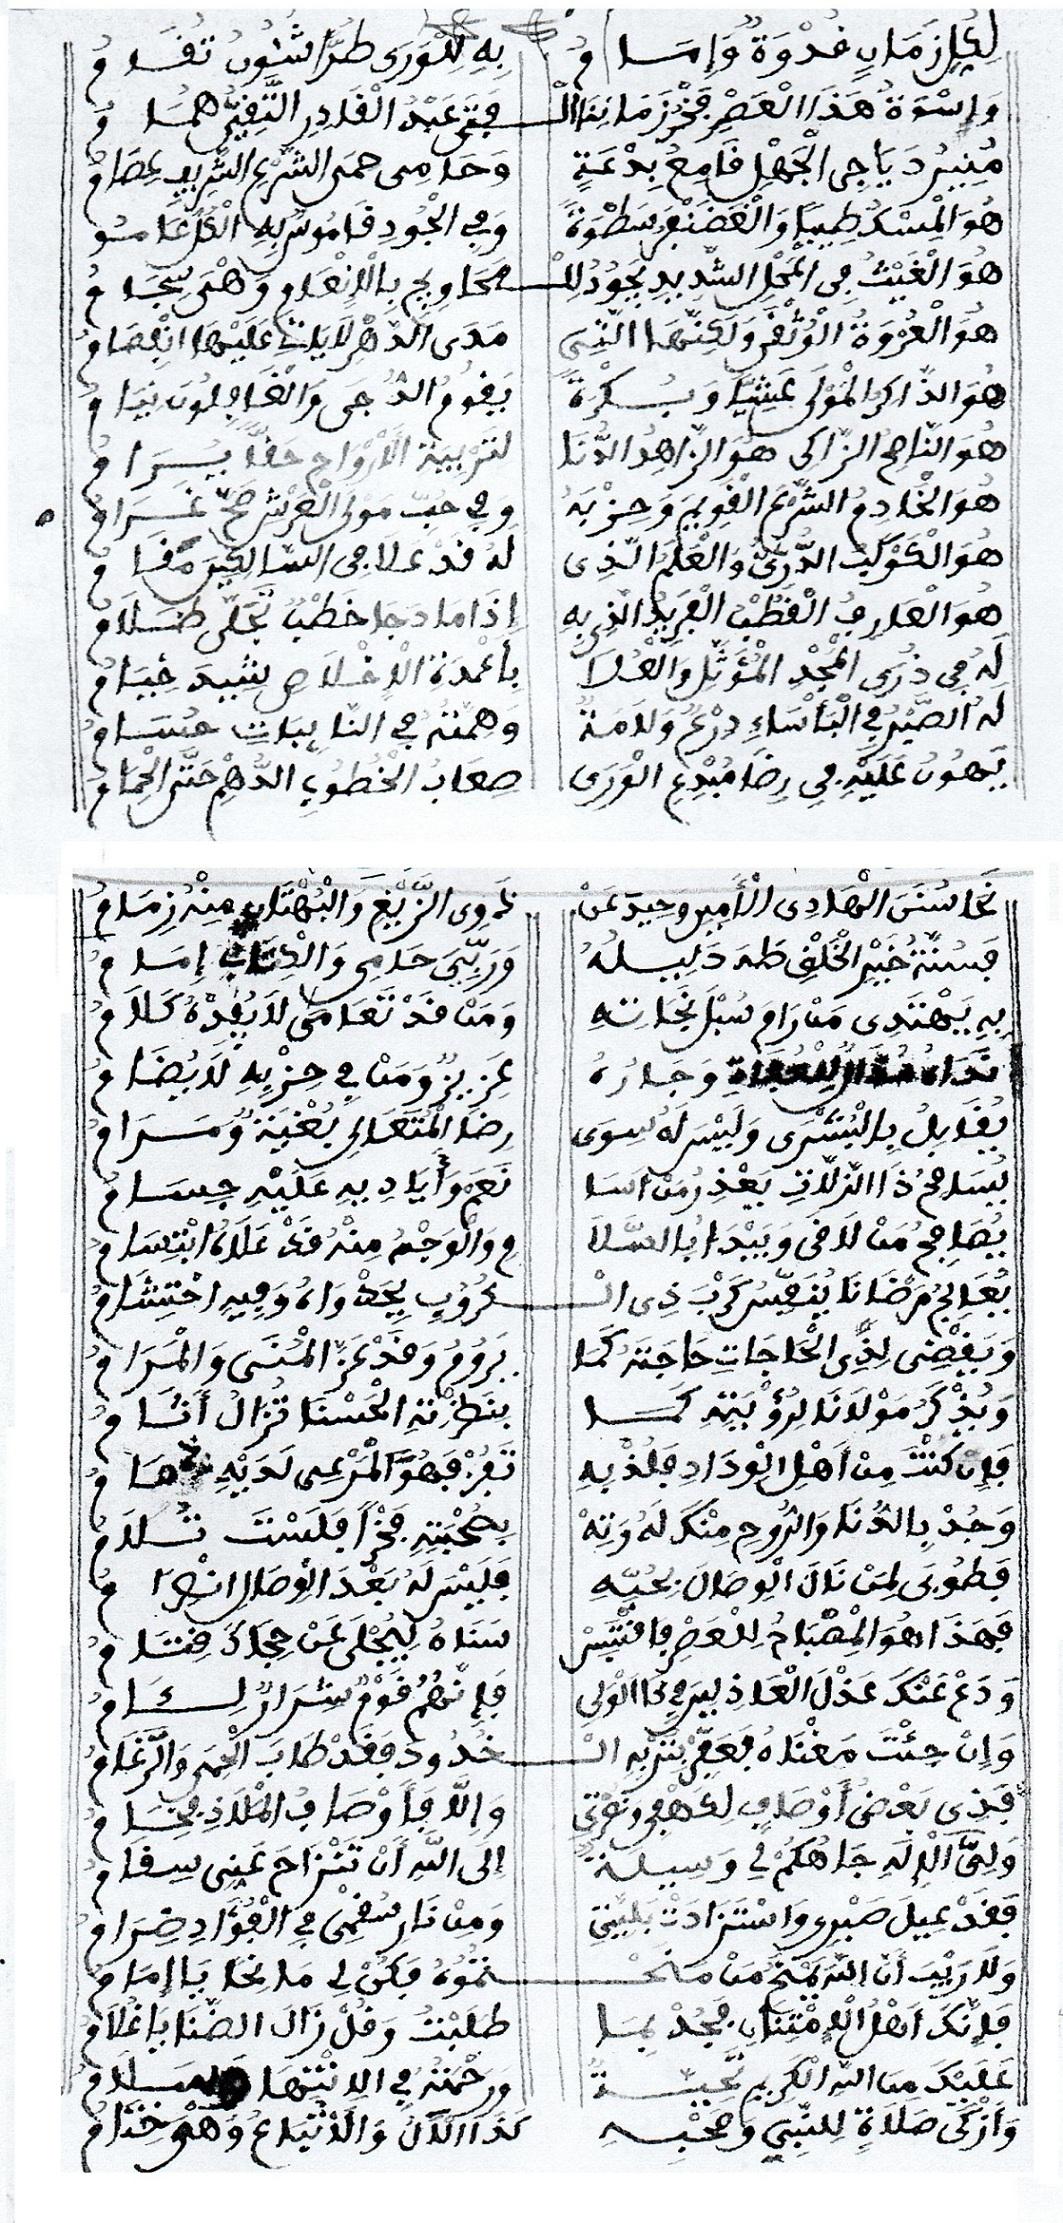 قصيدة من نظم الشيخ سي عطية في خصال الأمير عبدالقادر الجزائري